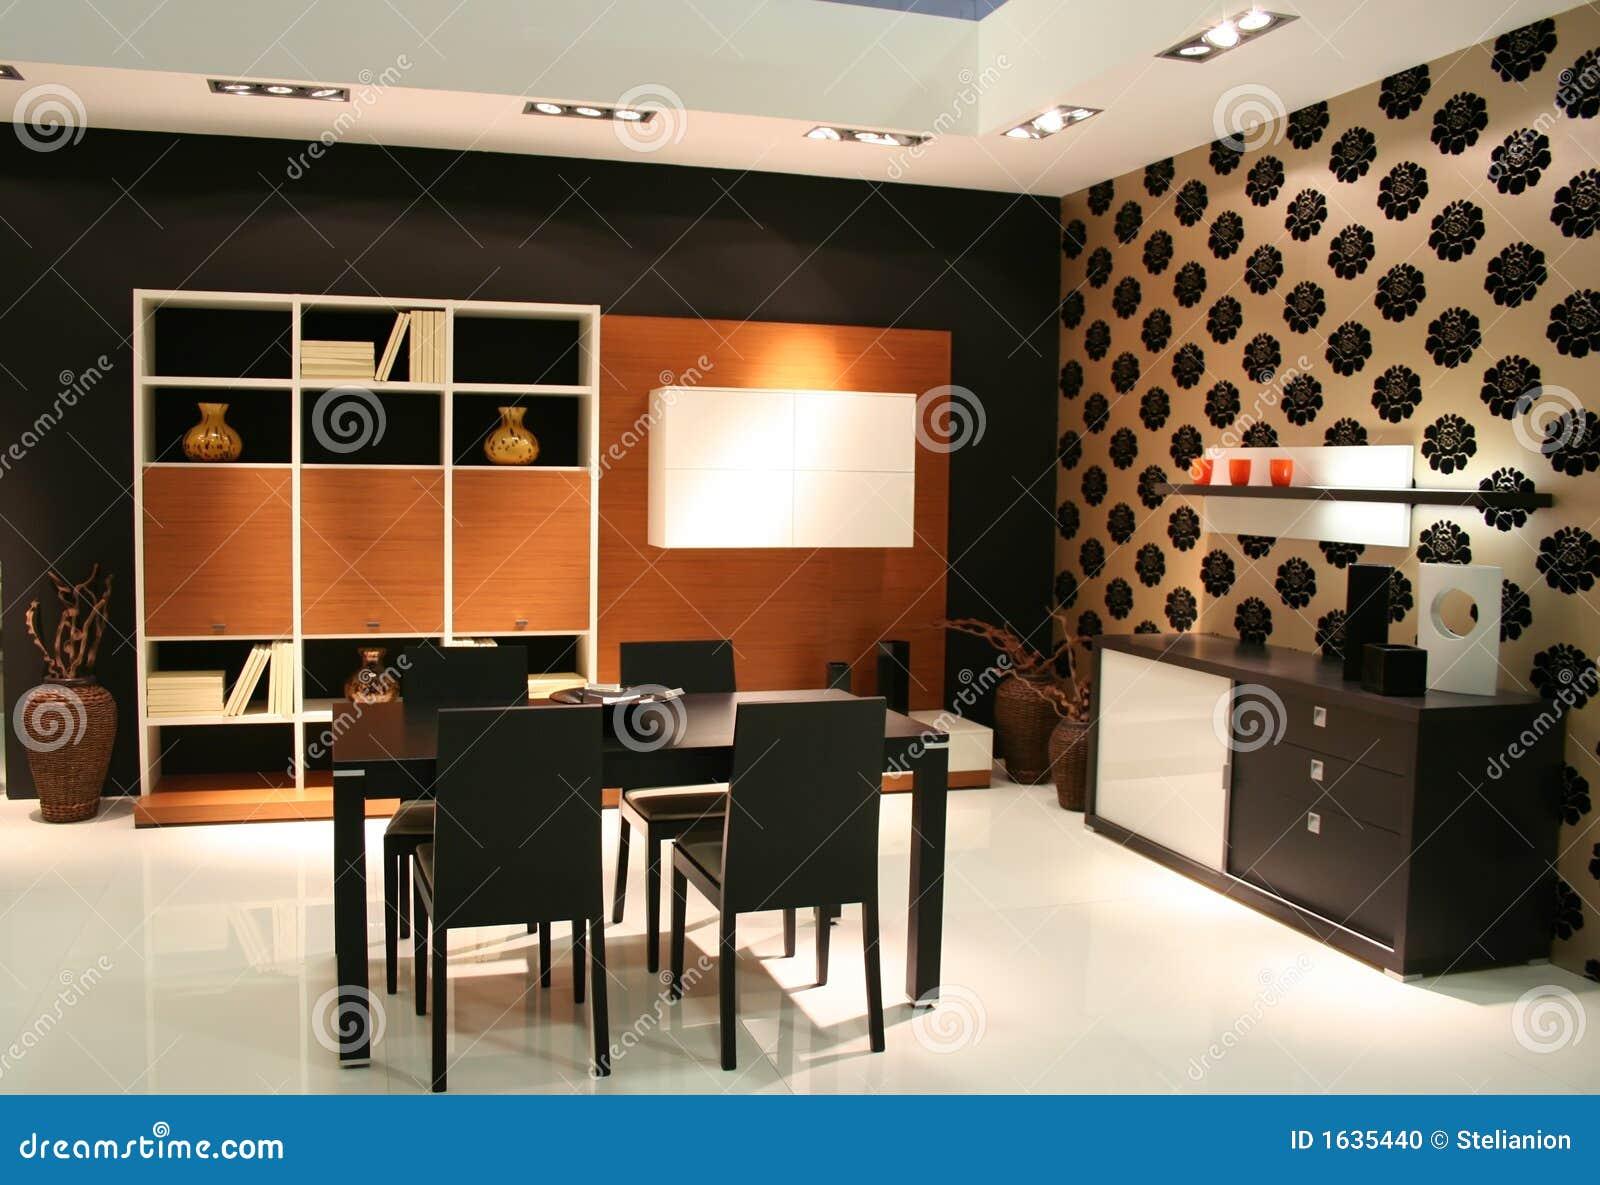 Ideeen Kast Woonkamer : Design woonkamer foto s en woonkamers ideeën